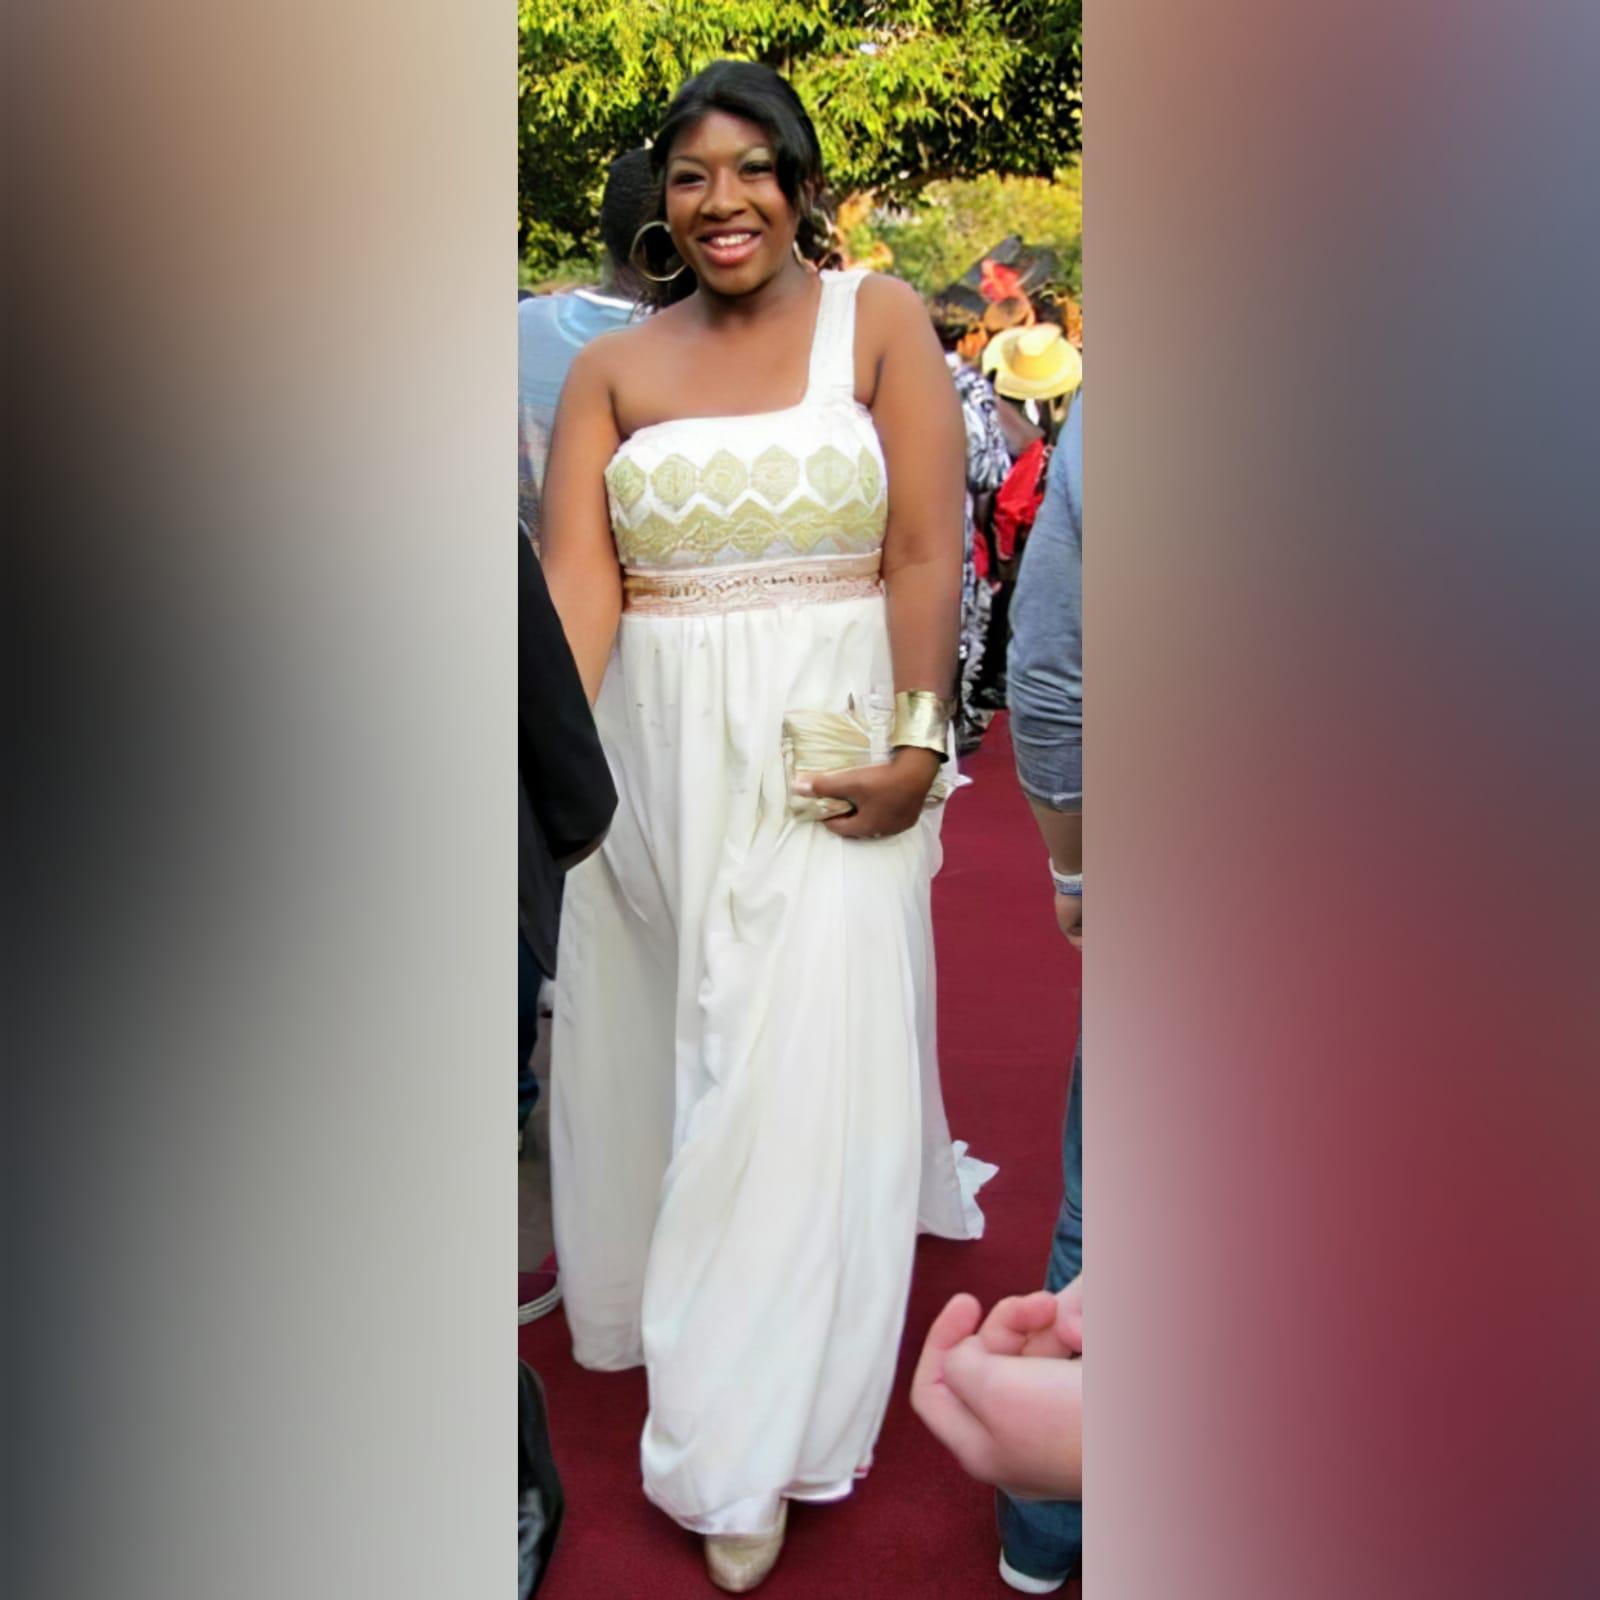 Vestido de finalistas cor pérola estilo deusa 1 vestido de finalistas cor pérola estilo deusa, corpete detalhado em enfeites de renda verde-oliva com brilhantes e pedras de ouro e bronze, com uma alça de um ombro com uma cauda de ombro anexado.